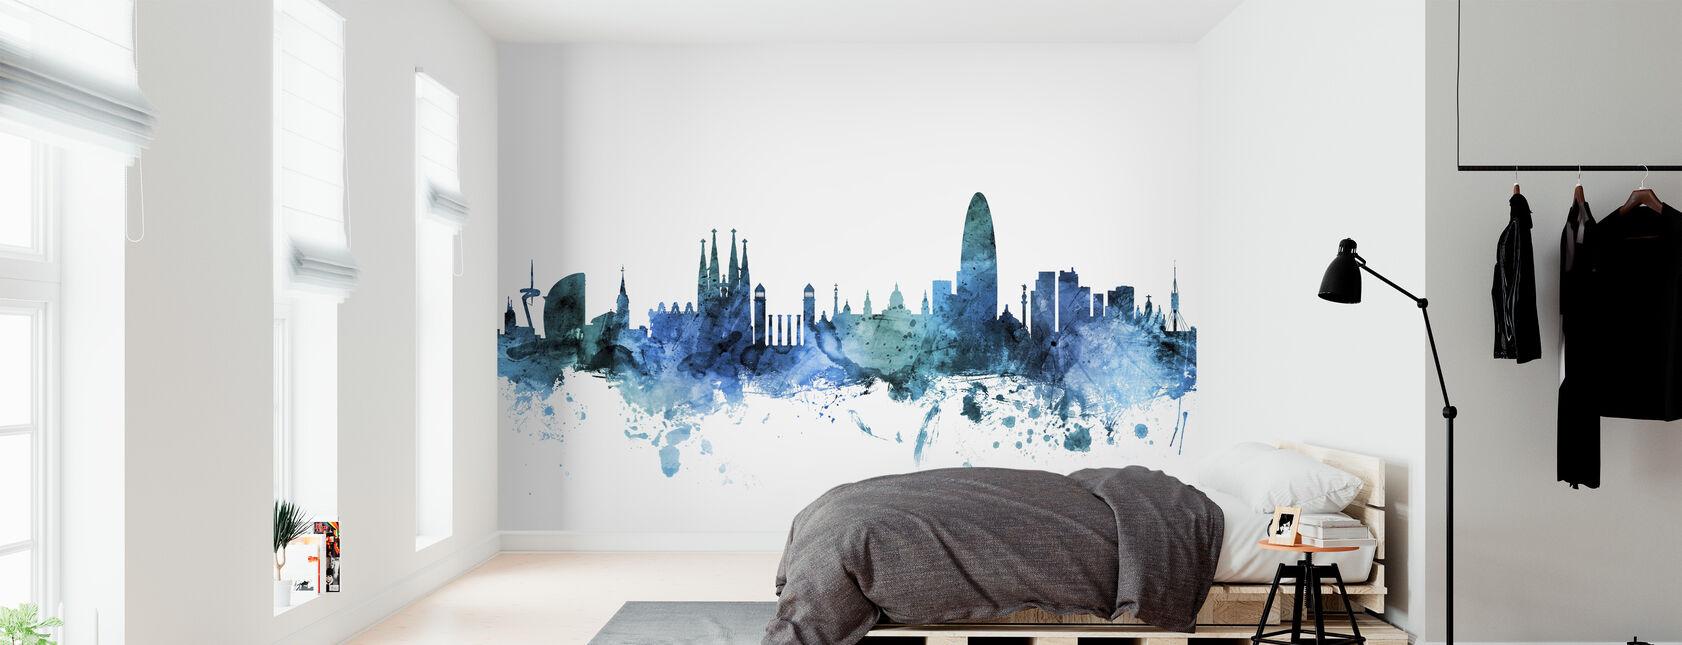 Barcelona España Skyline - Papel pintado - Dormitorio